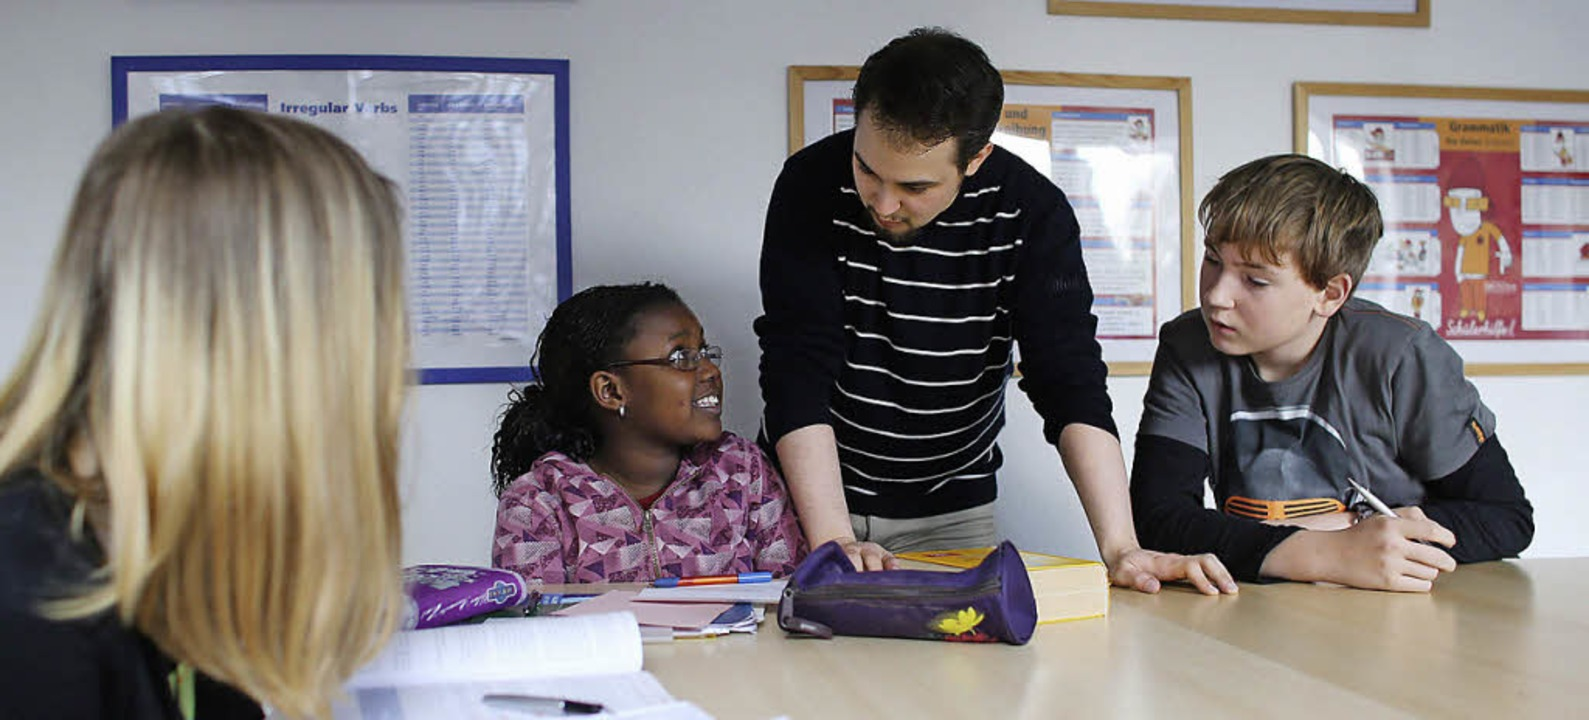 Schulreformen sollten zu einer bessere... Erziehung und Wissenschaft Zweifel.    | Foto: DPA